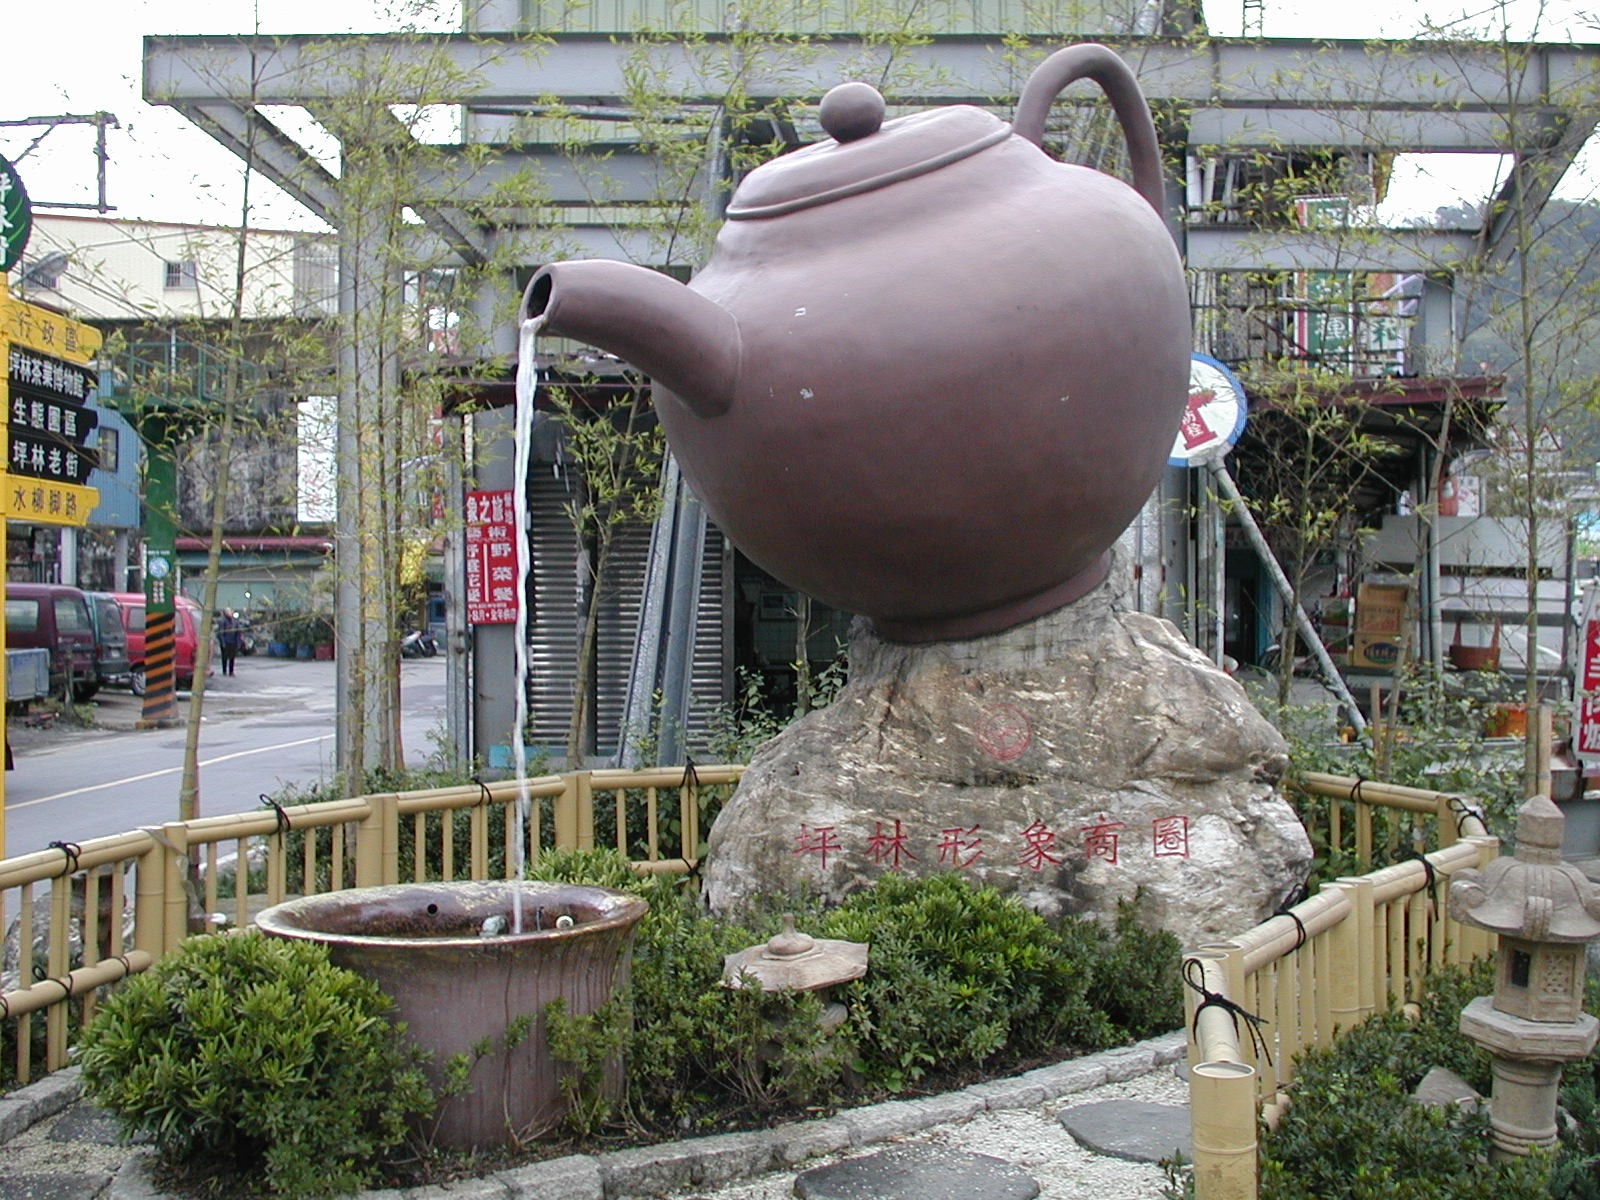 台湾の坪林にある茶壺のモニュメント